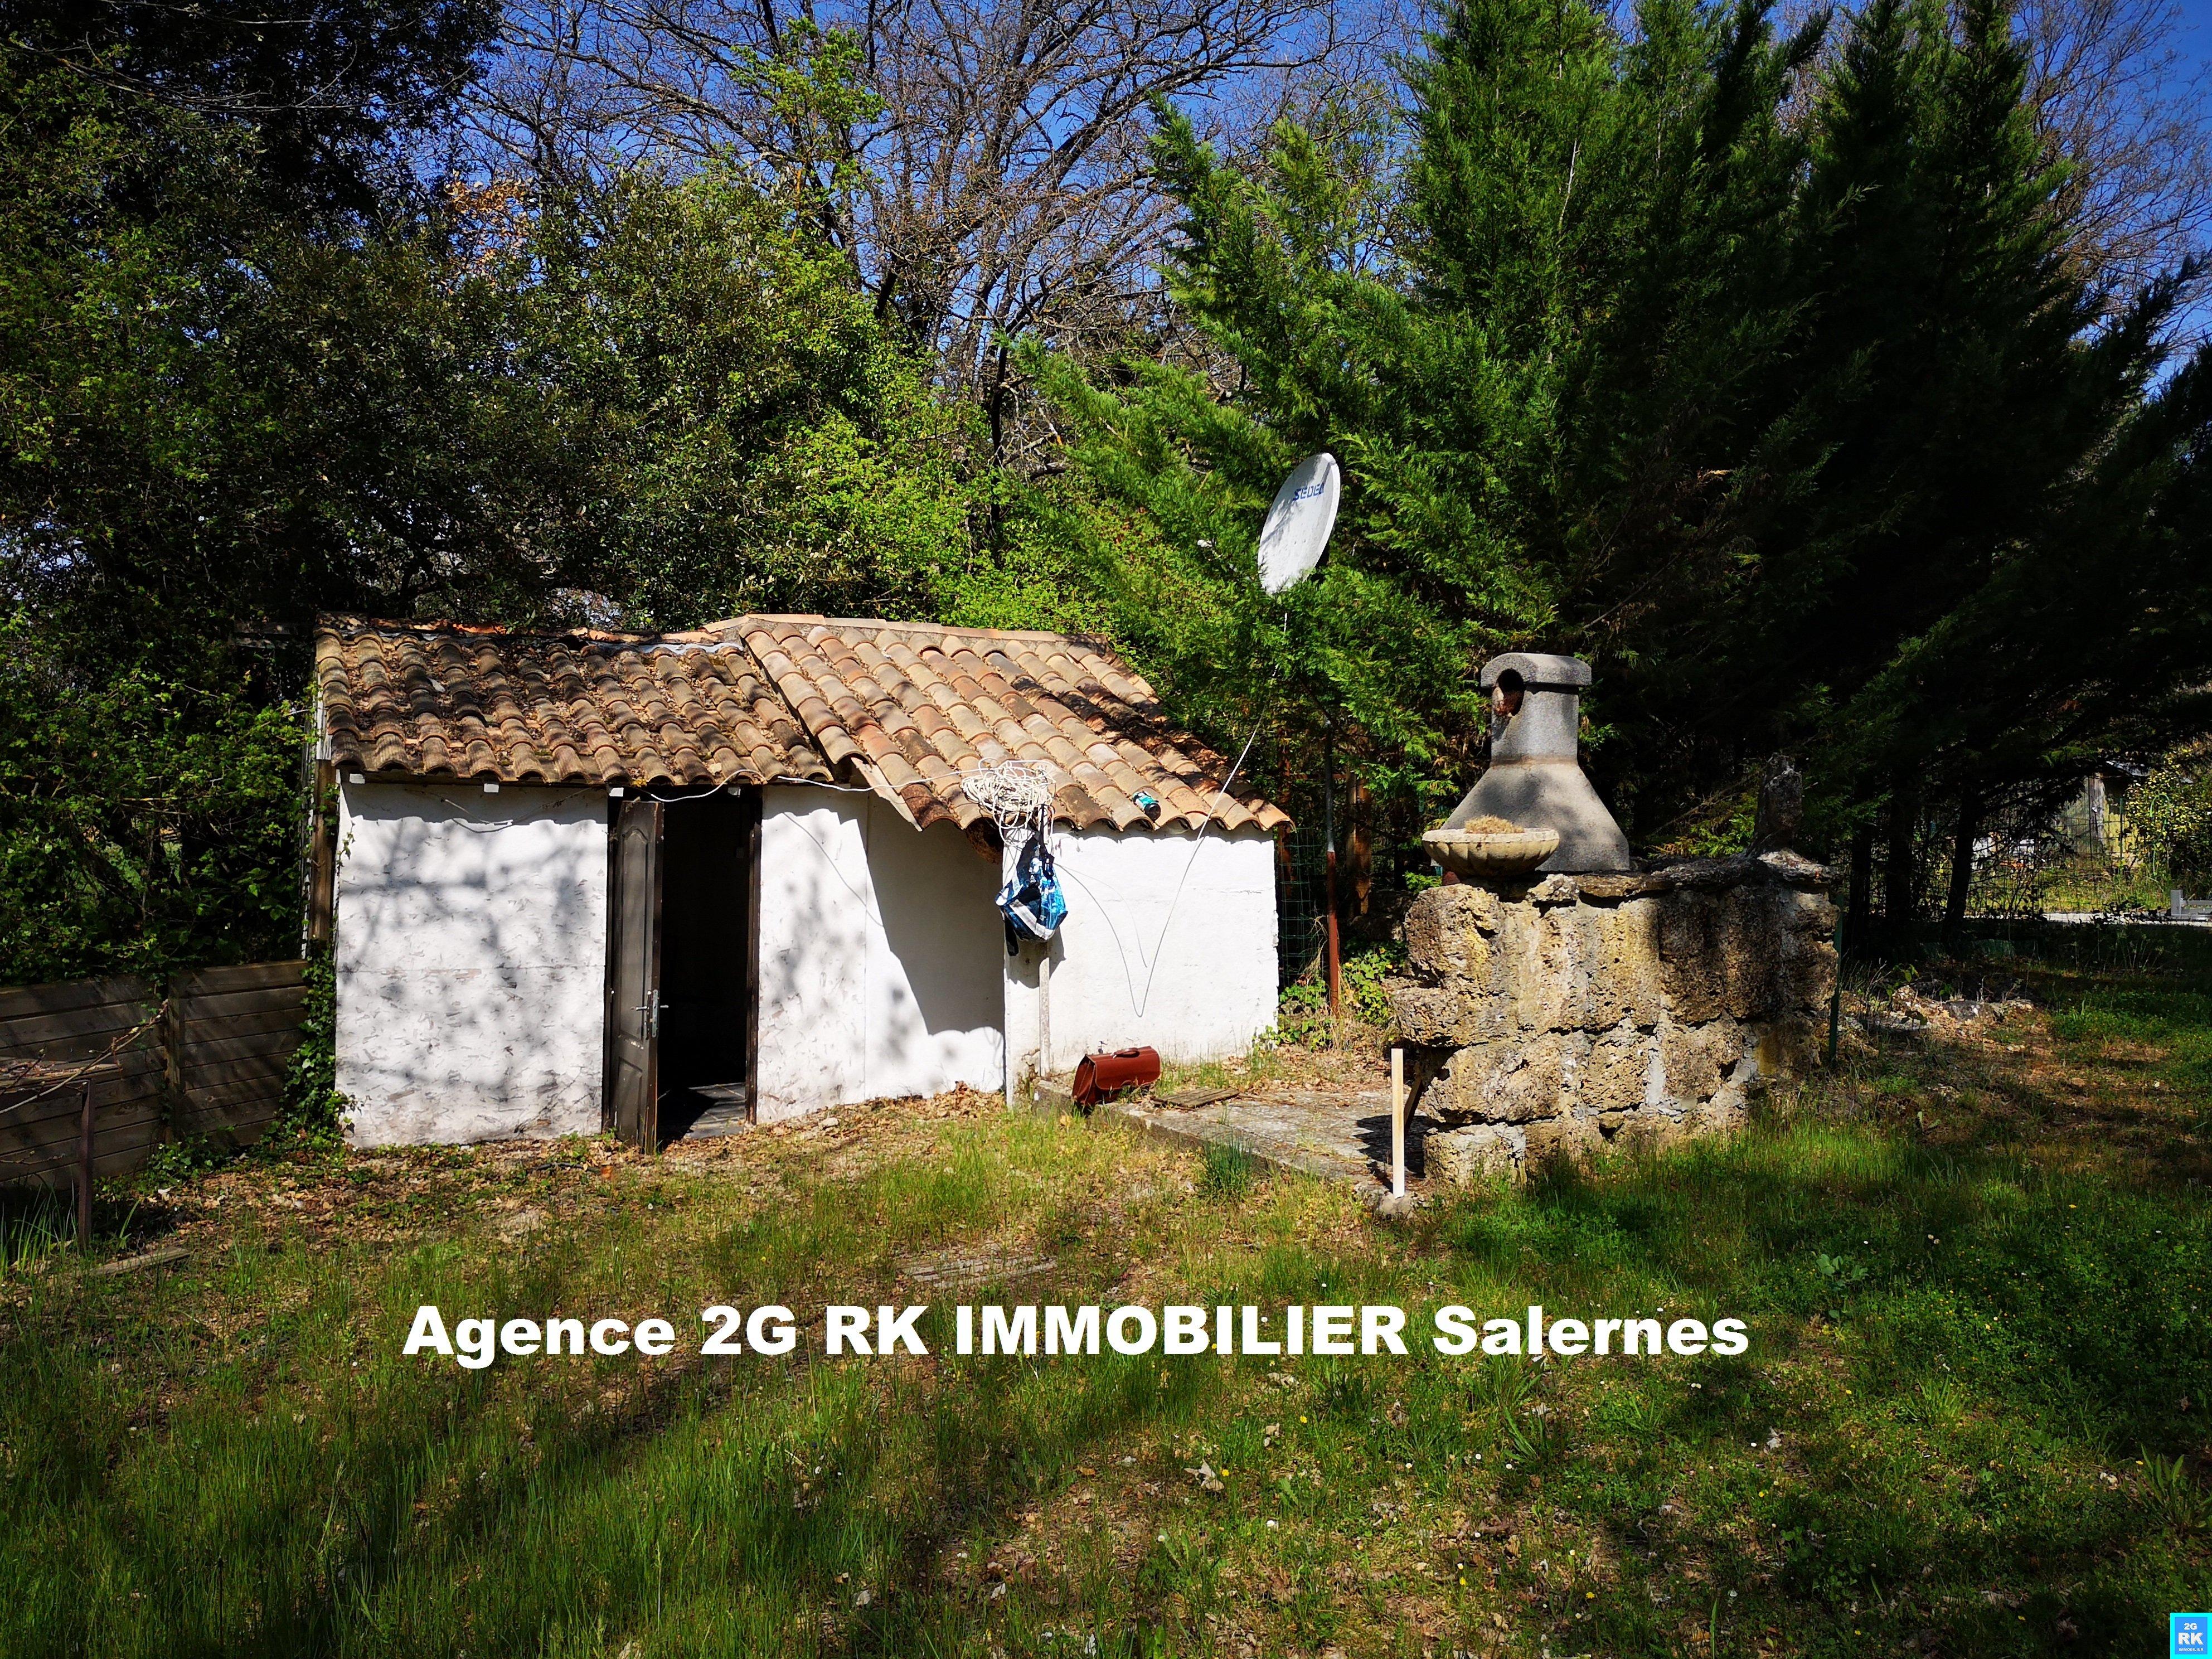 Cabanon en campagne Sillans La Cascade.